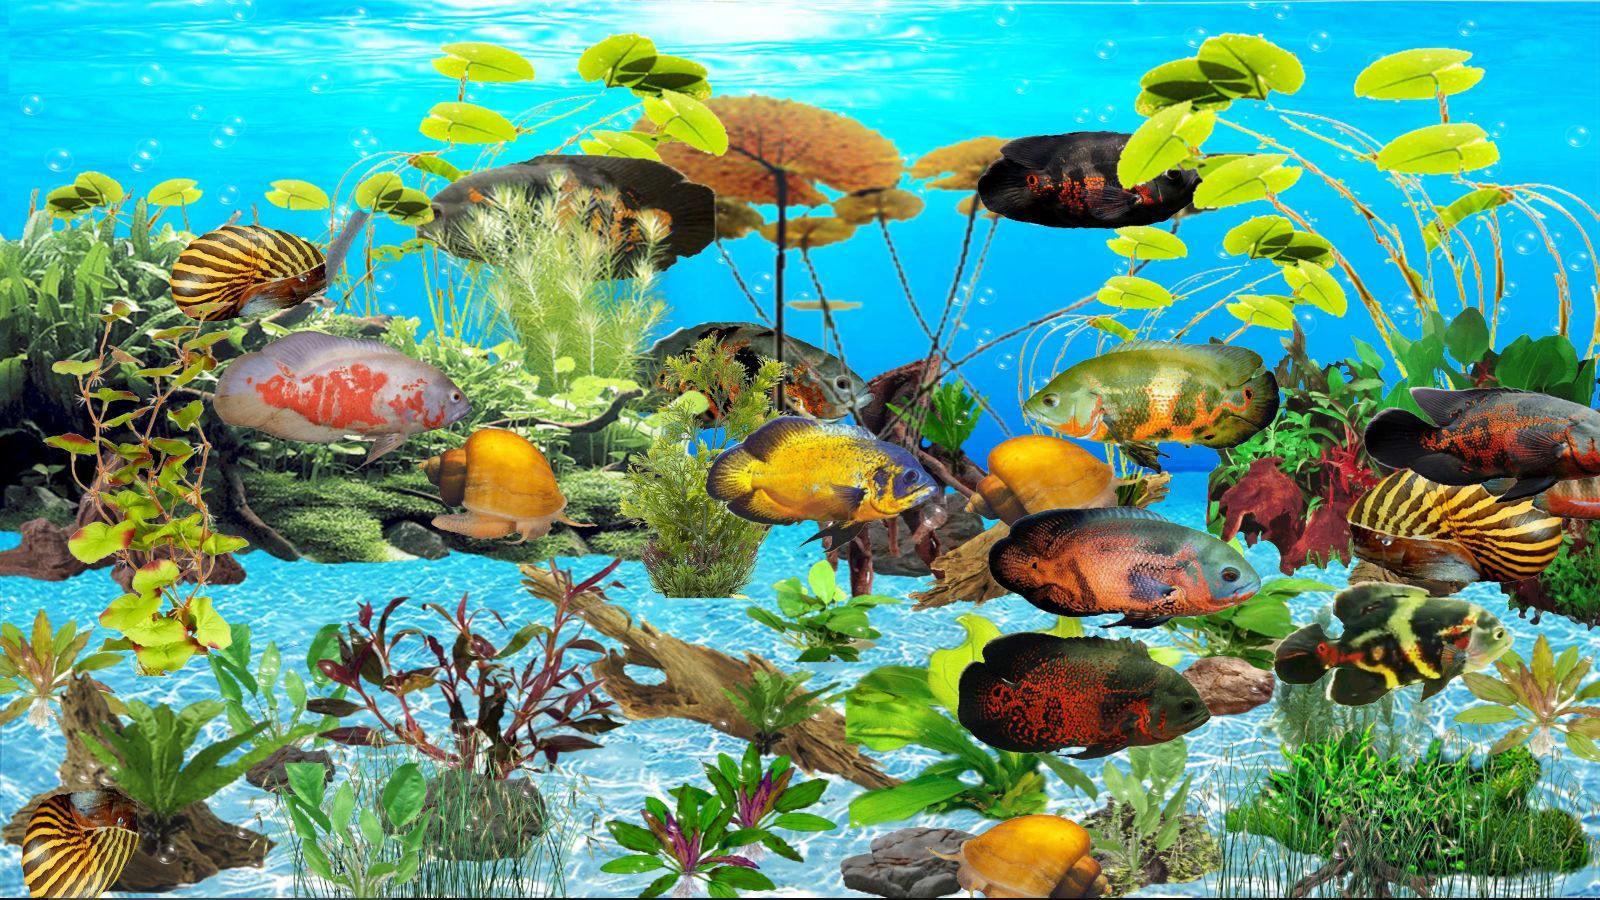 Tiger Oscar Aquarium 2.01